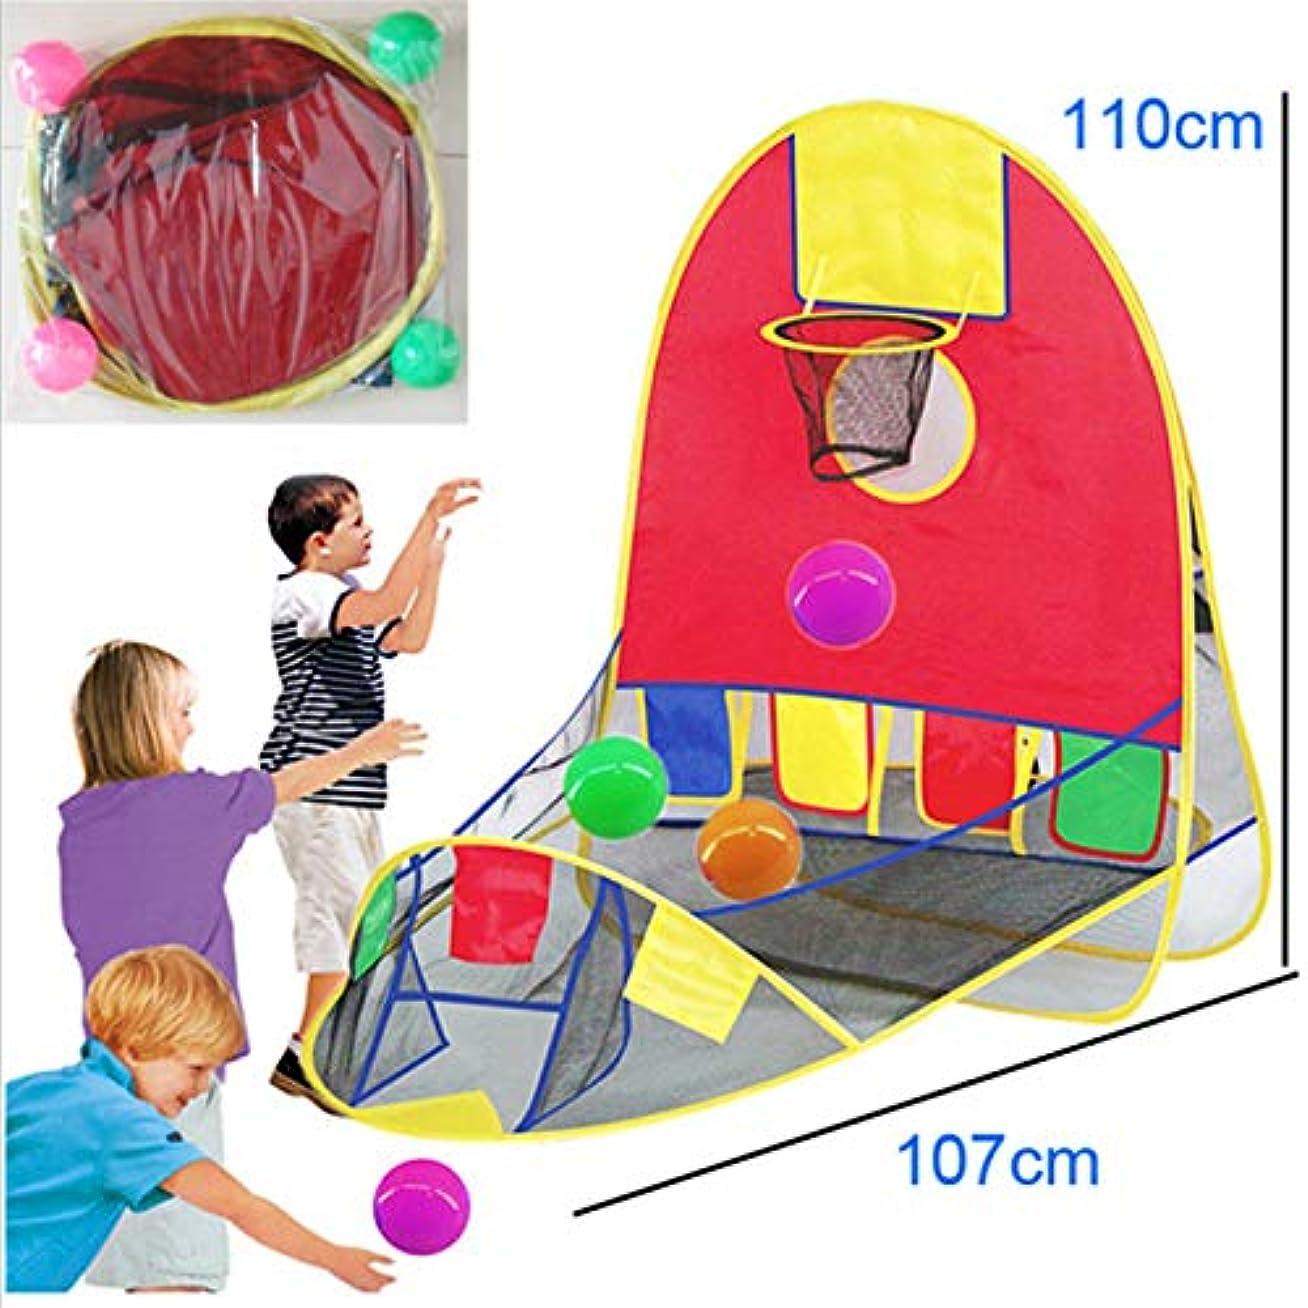 ディレクター持参文芸Love life 子供のボール射撃テントライトとポータブルは、4つのマリンボール110cmX107cmを送信します